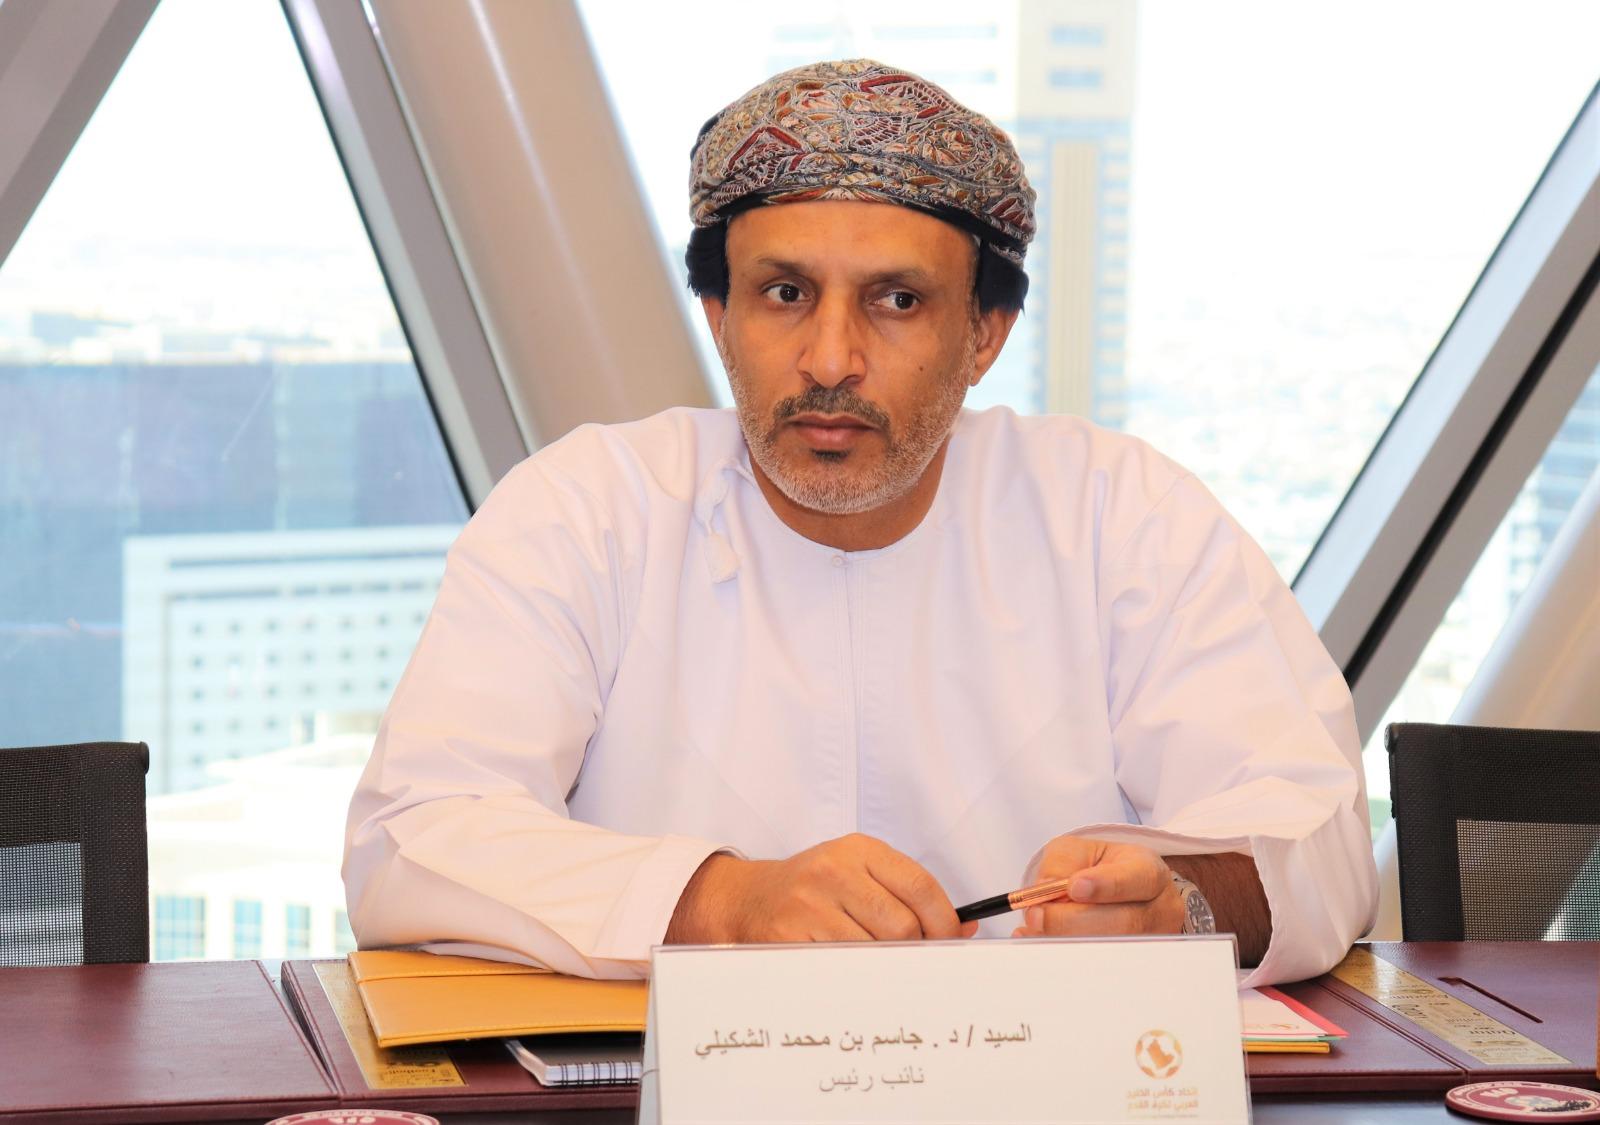 الدكتور جاسم الشيكلي نائب رئيس اتحاد كأس الخليج العربي لكرة القدم